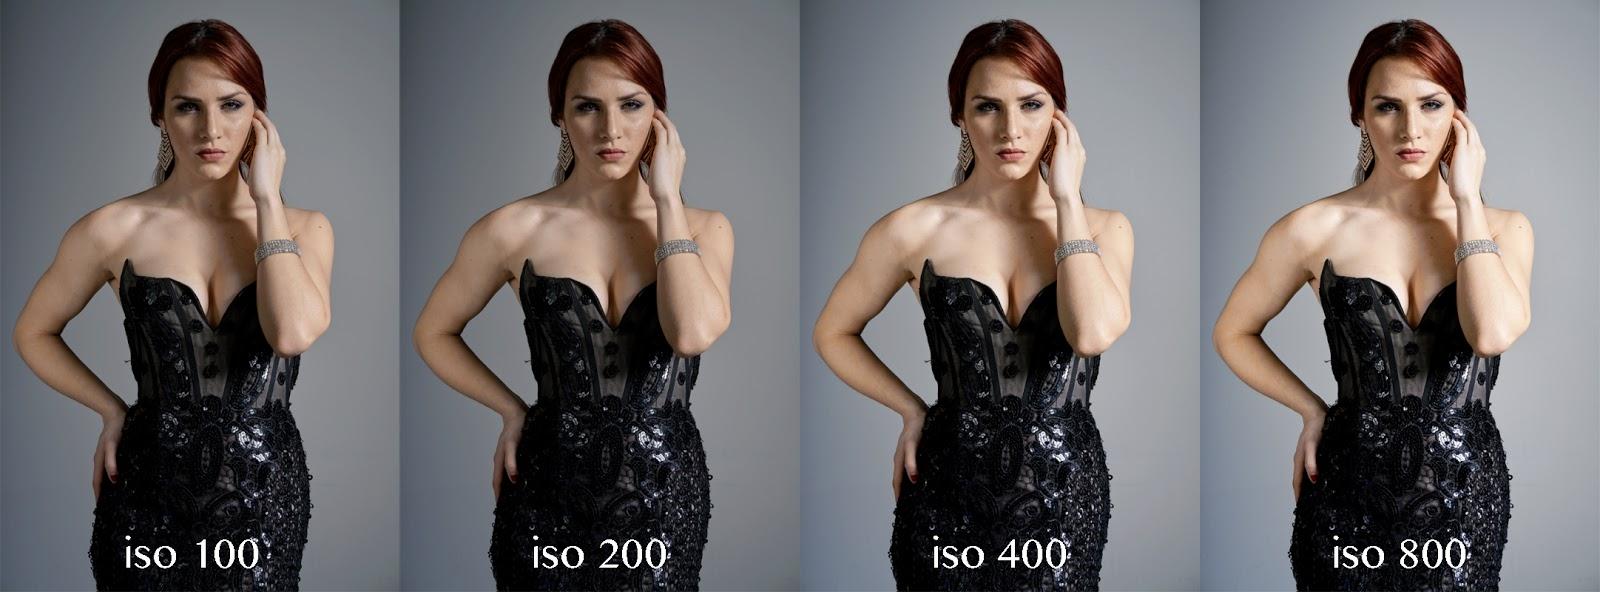 Ilustrasi efek perbedaan ISo pada fotogrfai Ondoor model seksi